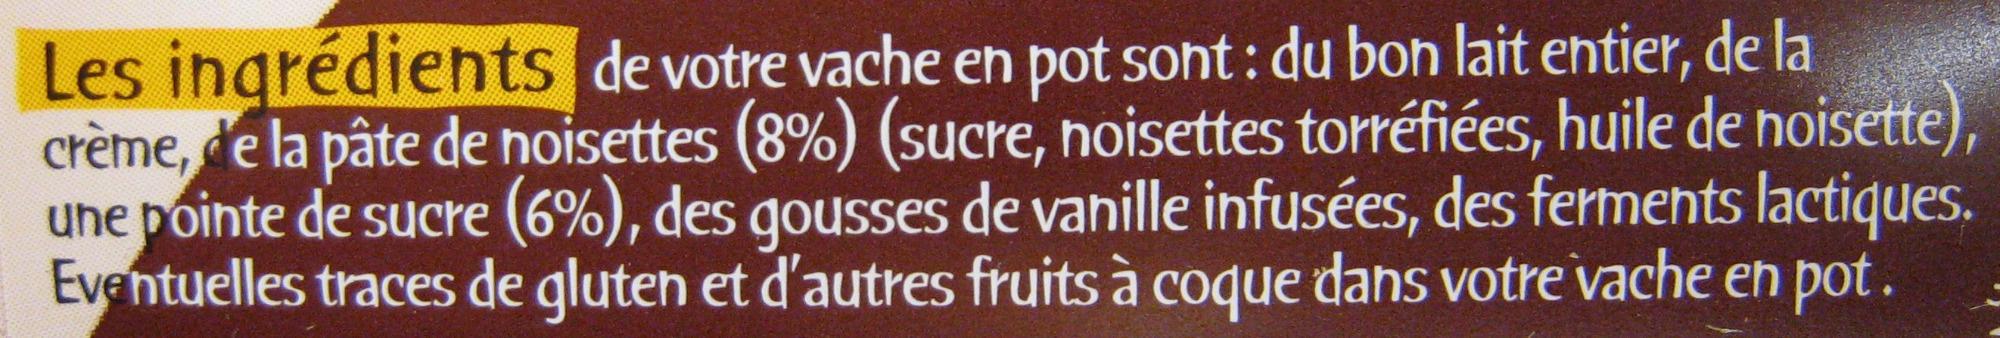 La vache en pot aux noisettes - Ingredients - fr